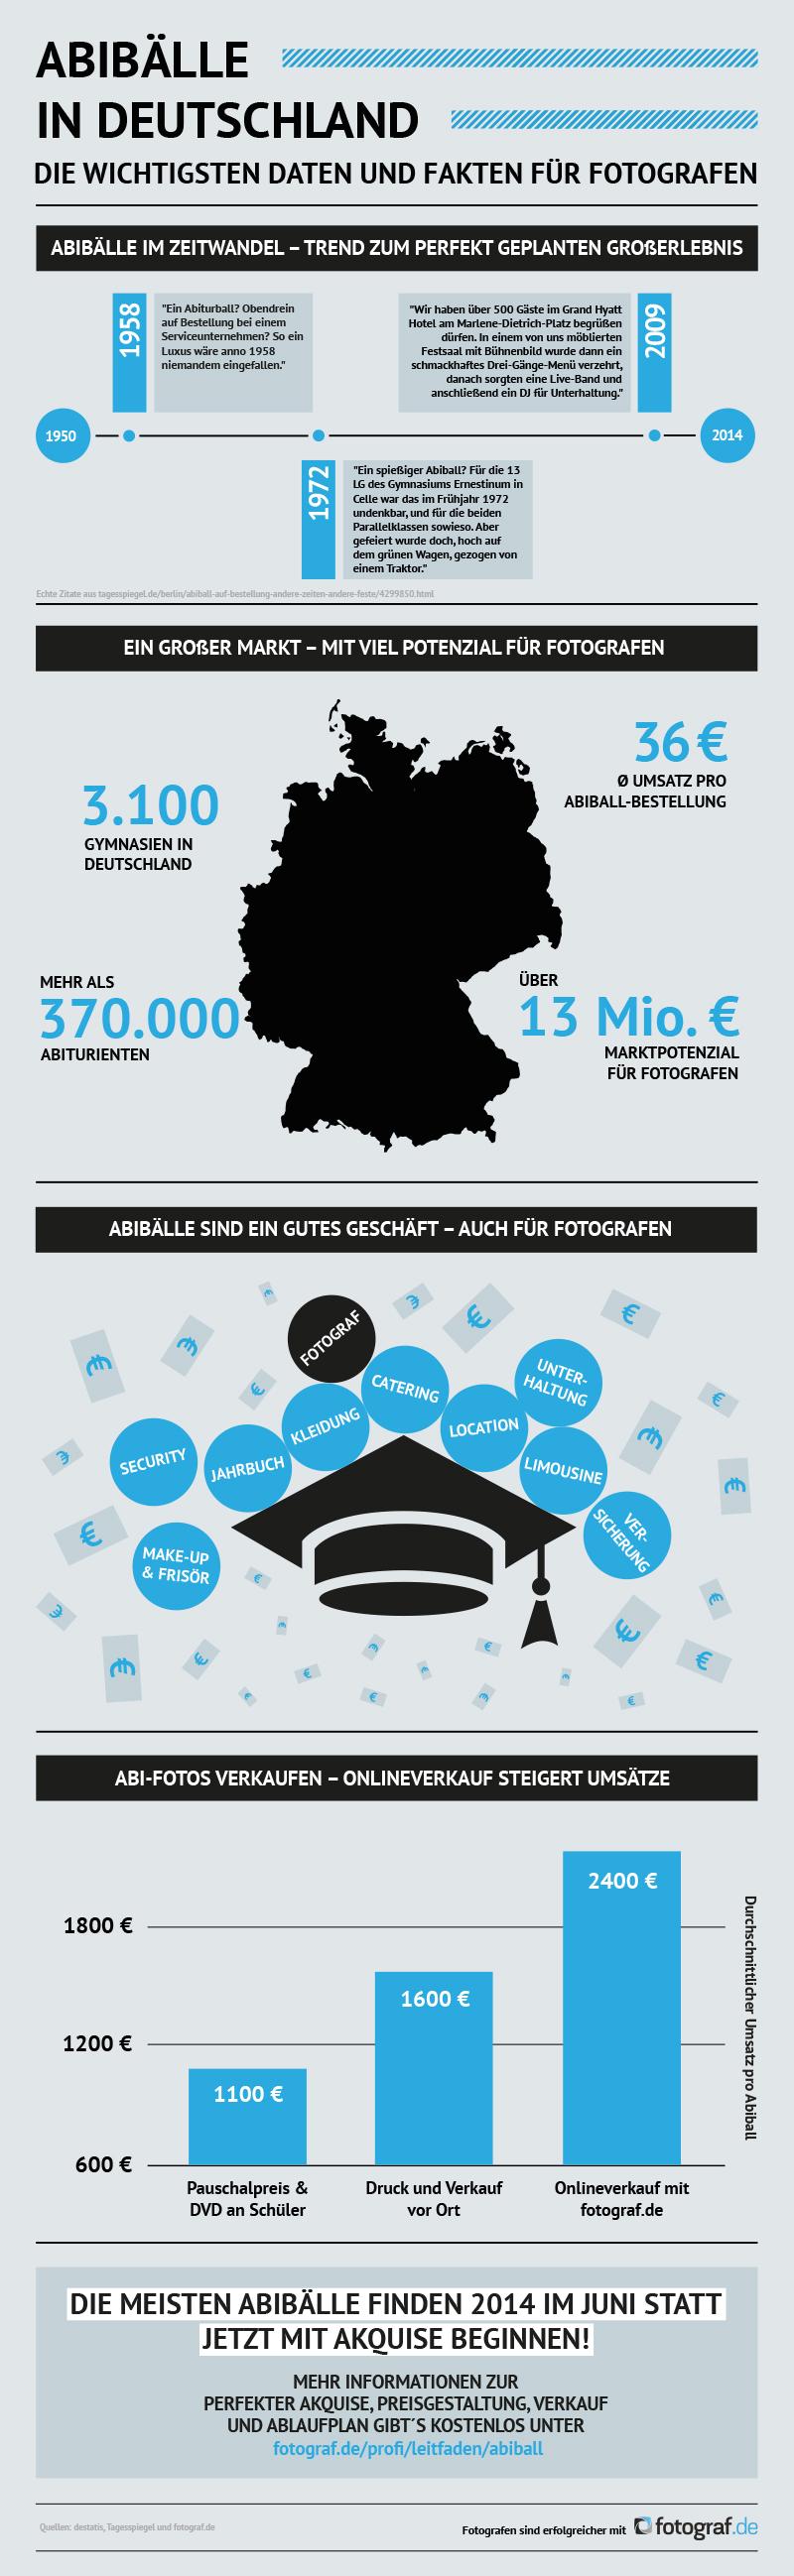 Infografik von Fotograf.de Abibälle in Deutschland